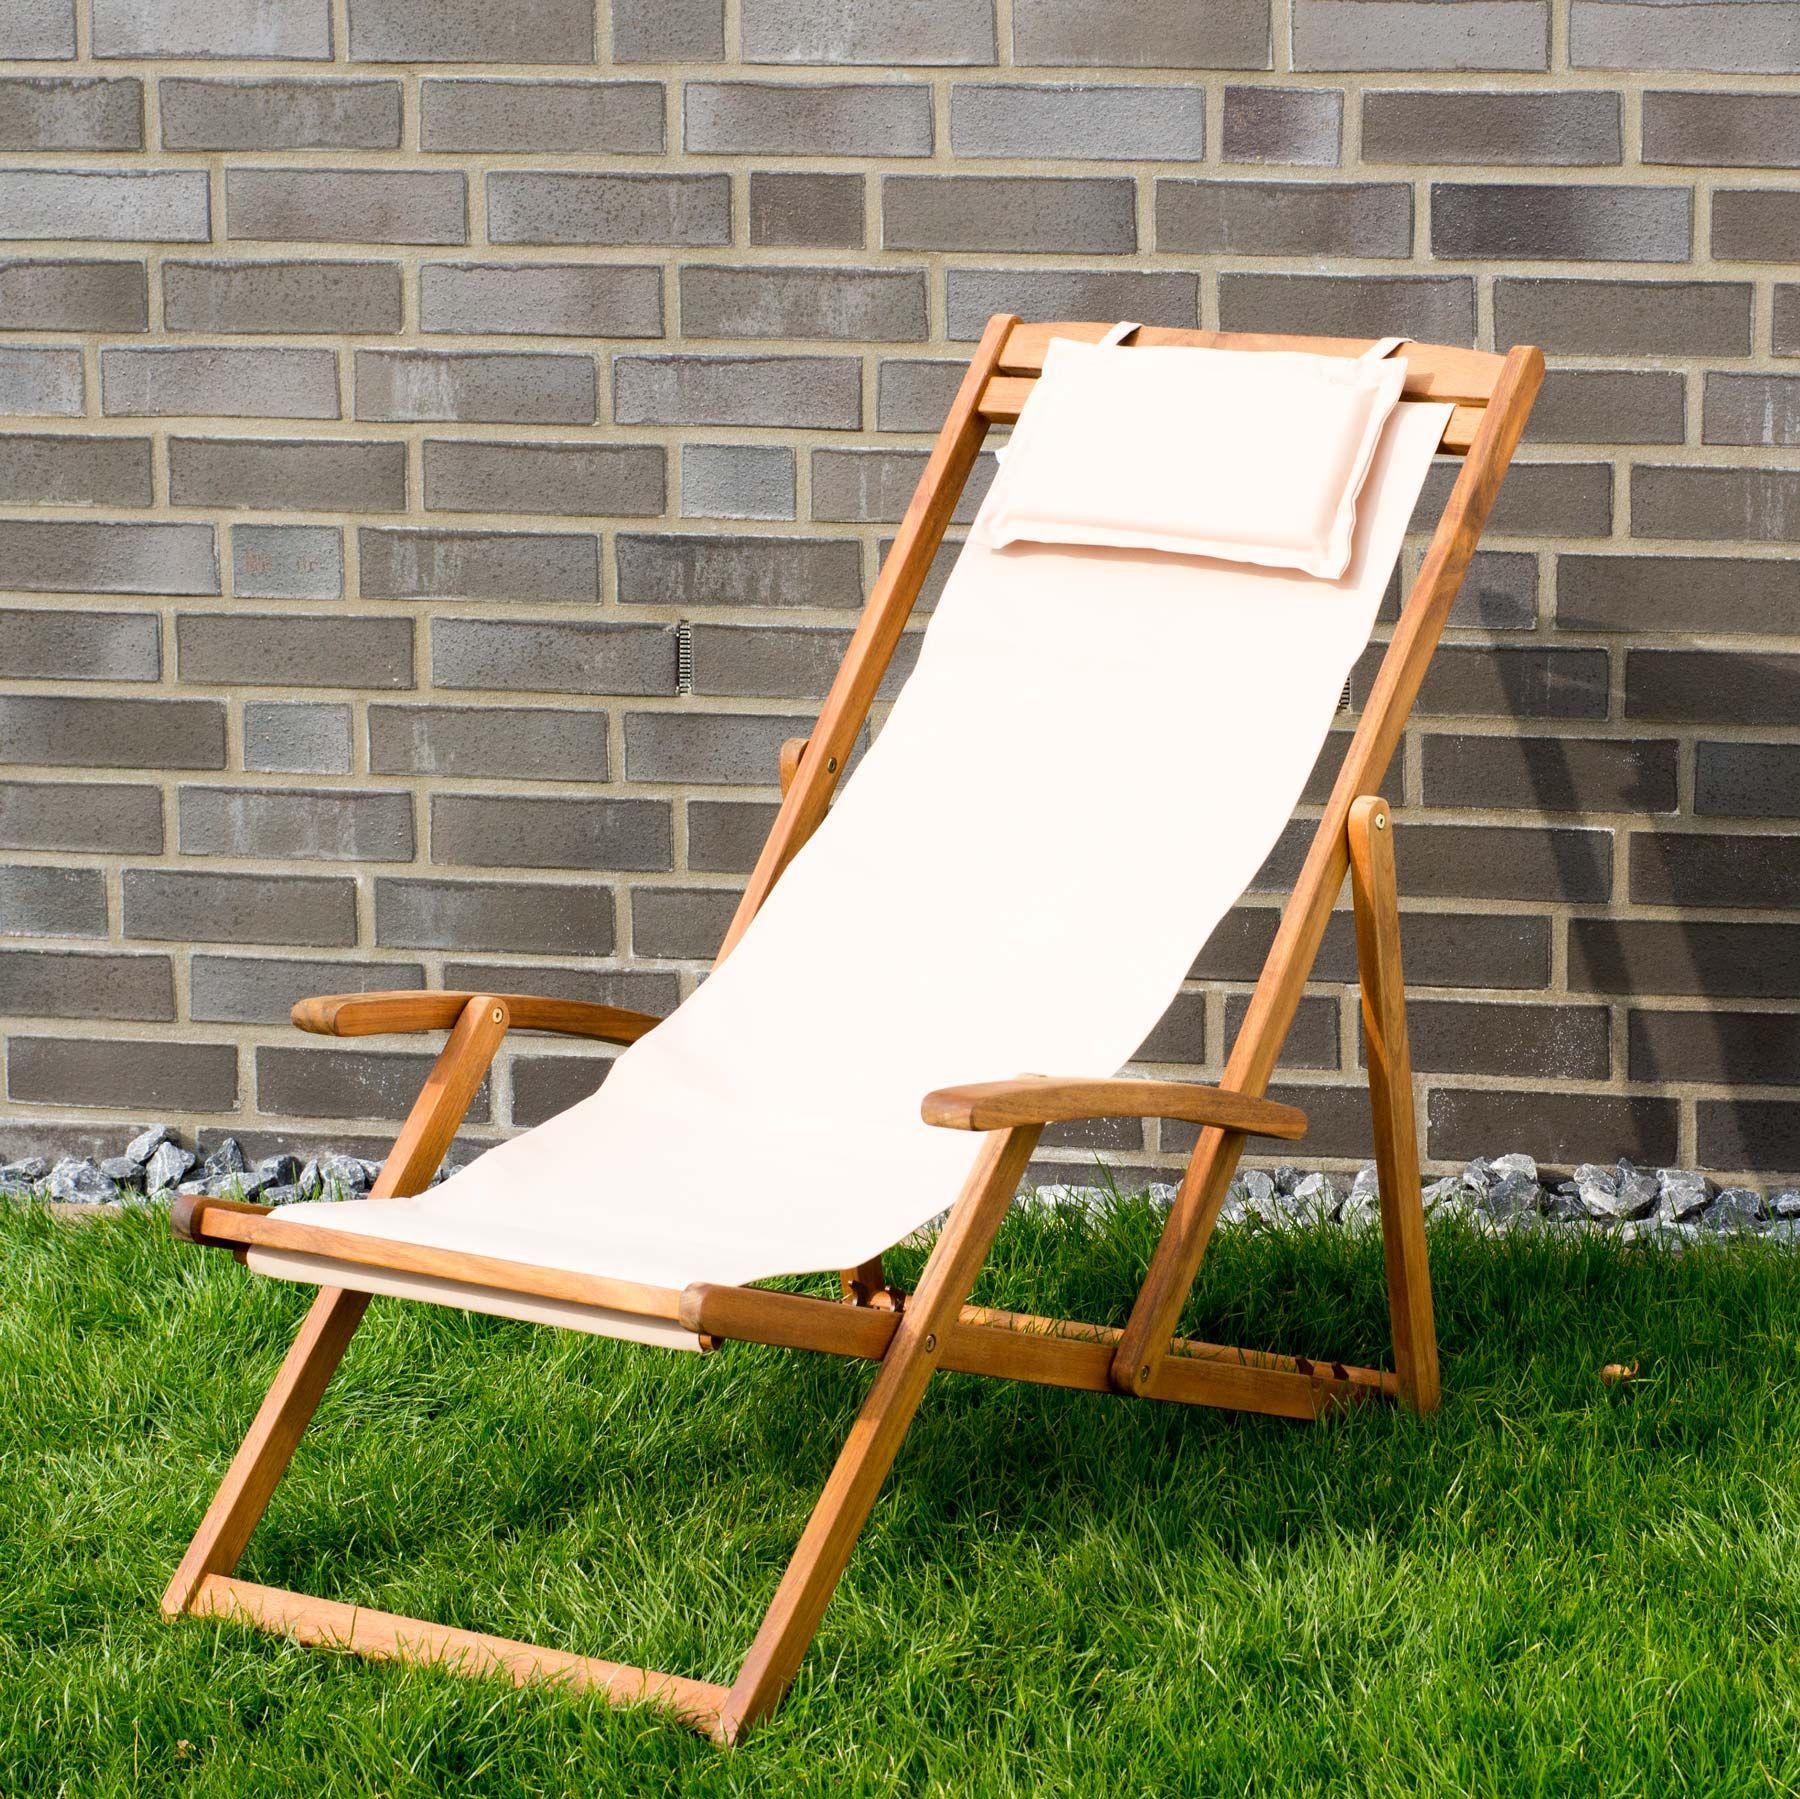 Full Size of Gartenliege Holz Ikea Sonnenliege Gartenliegen Esstisch Holzplatte Fenster Alu Schlafzimmer Komplett Massivholz Holzregal Küche Kosten Holzbrett Holzhaus Wohnzimmer Gartenliege Holz Ikea